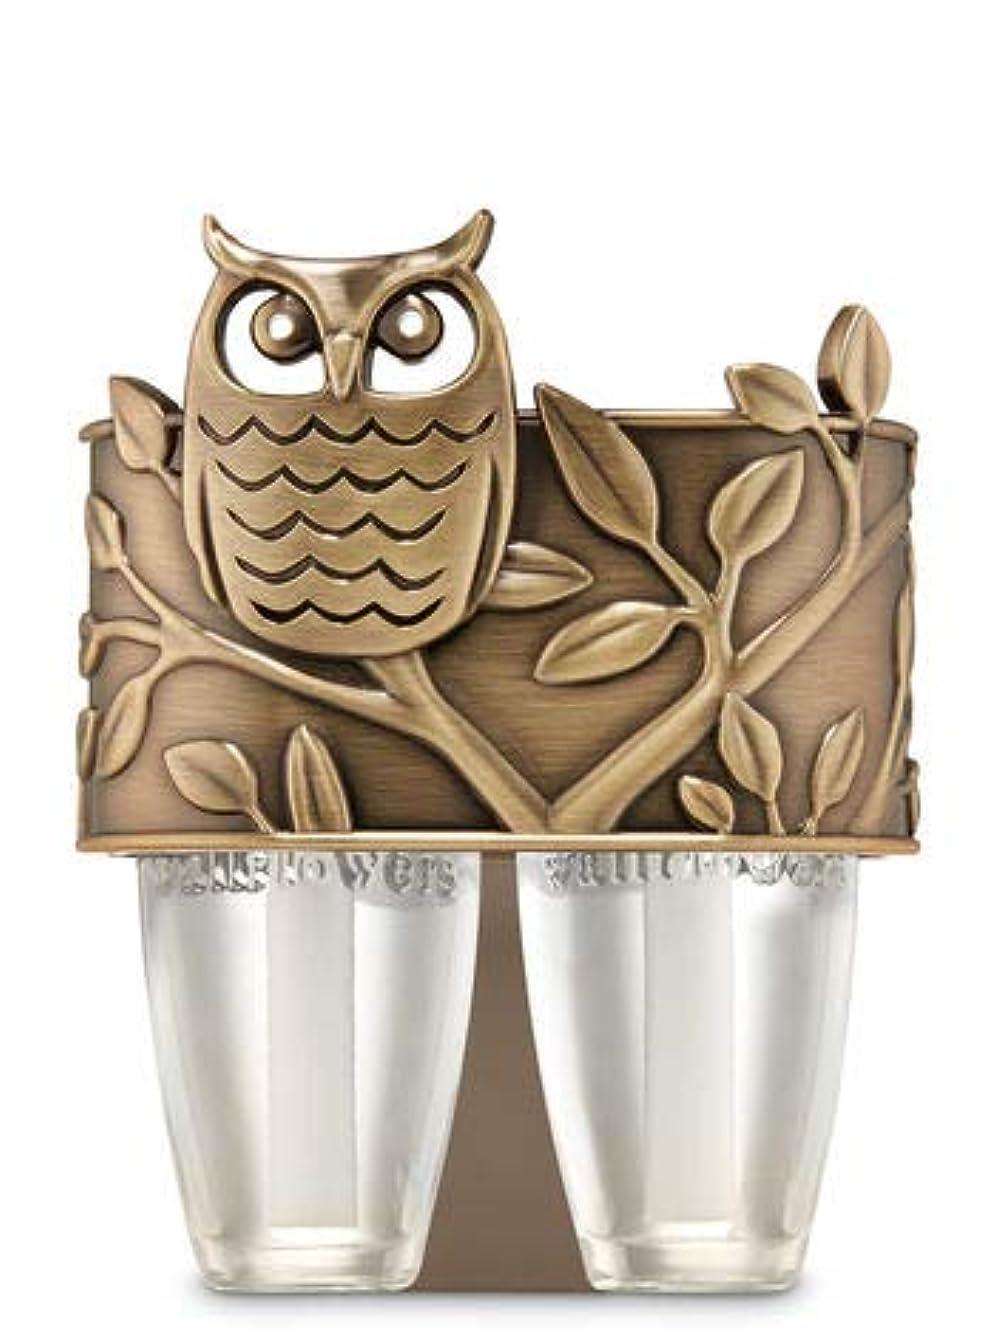 既婚引用行列【Bath&Body Works/バス&ボディワークス】 ルームフレグランス プラグインスターター デュオプラグ (本体のみ) オウル フクロウ Scent Switching Wallflowers Duo Plug...